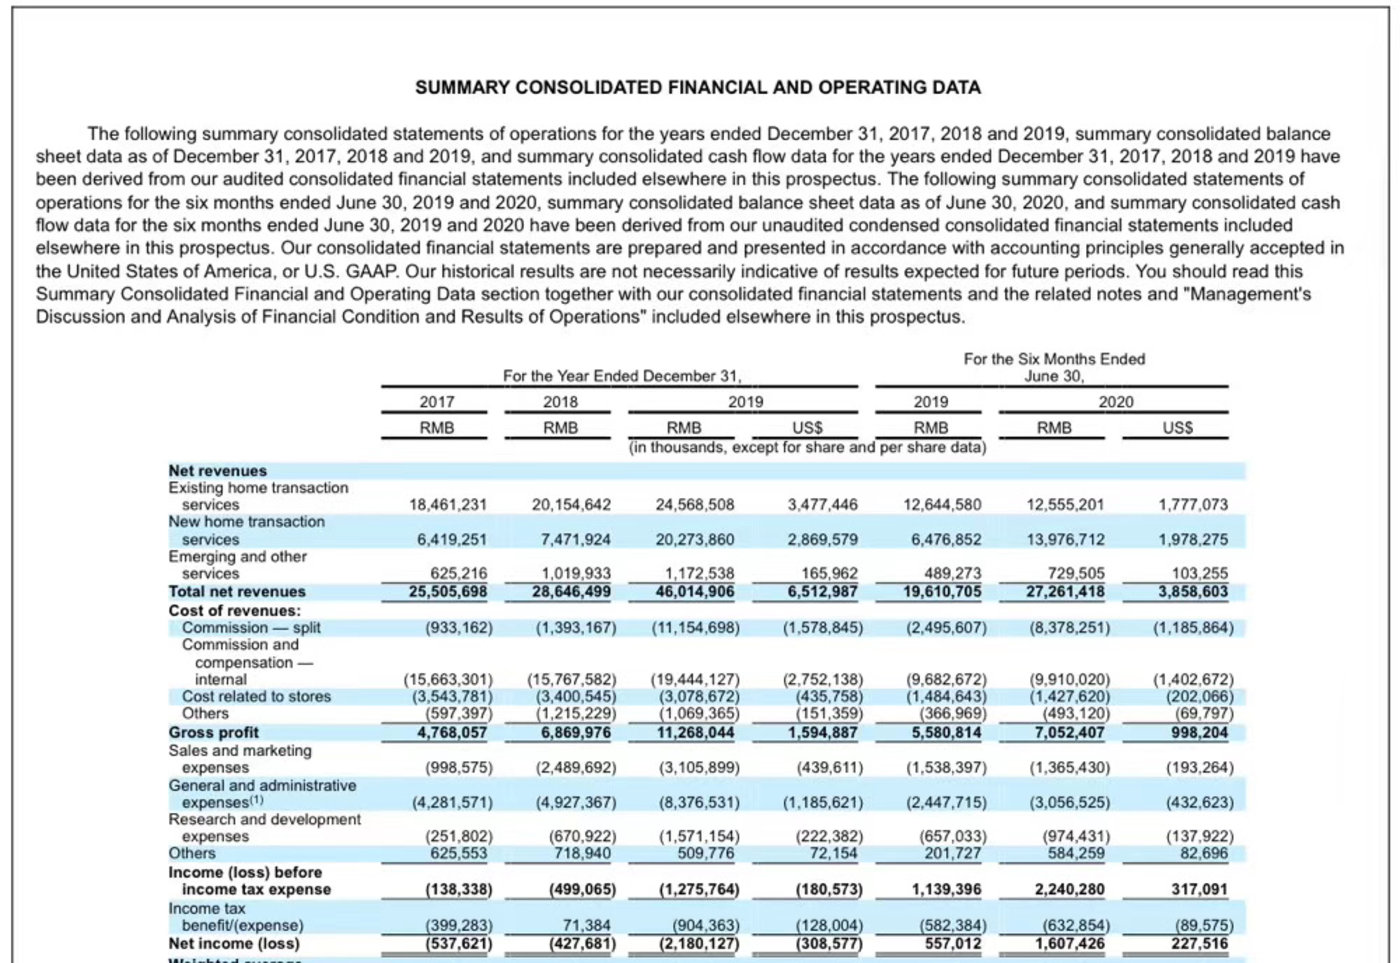 贝壳找房披露了今年上半年的财务数据